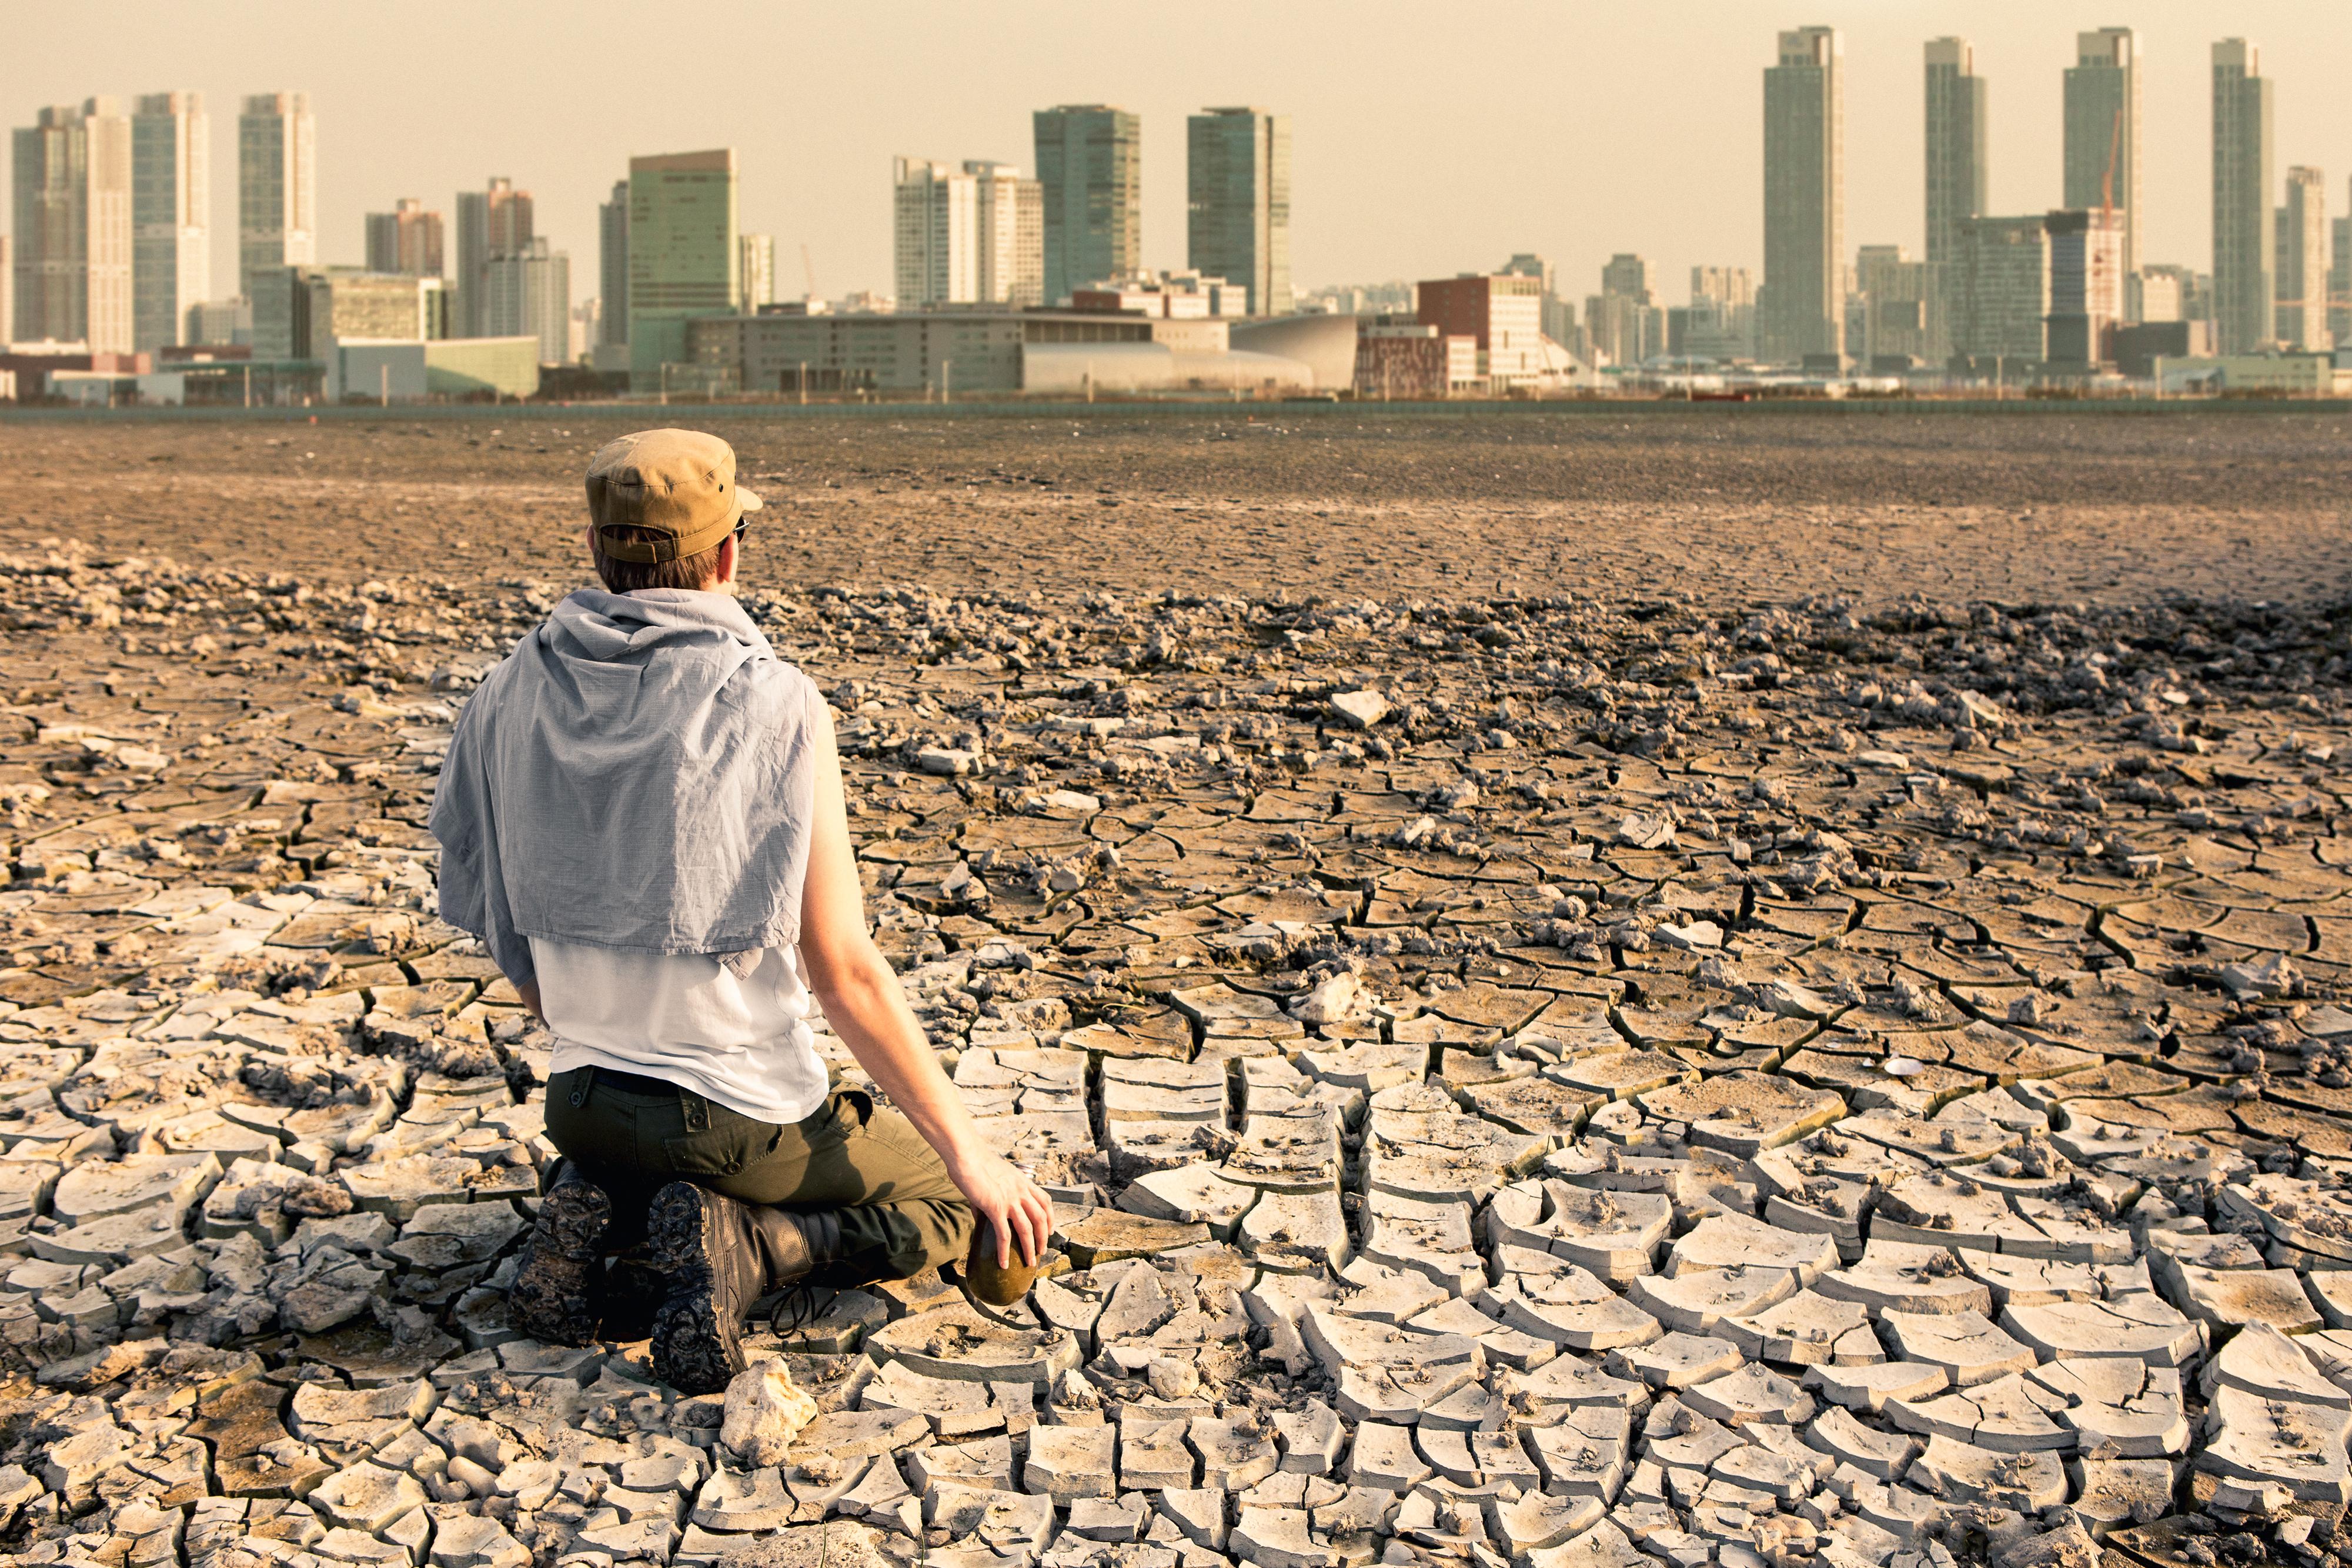 BBC News: Lumea se confrunta acum cu de doua ori mai multe zile cu temperaturi de peste 50 de grade Celsius, fata de acum trei decenii